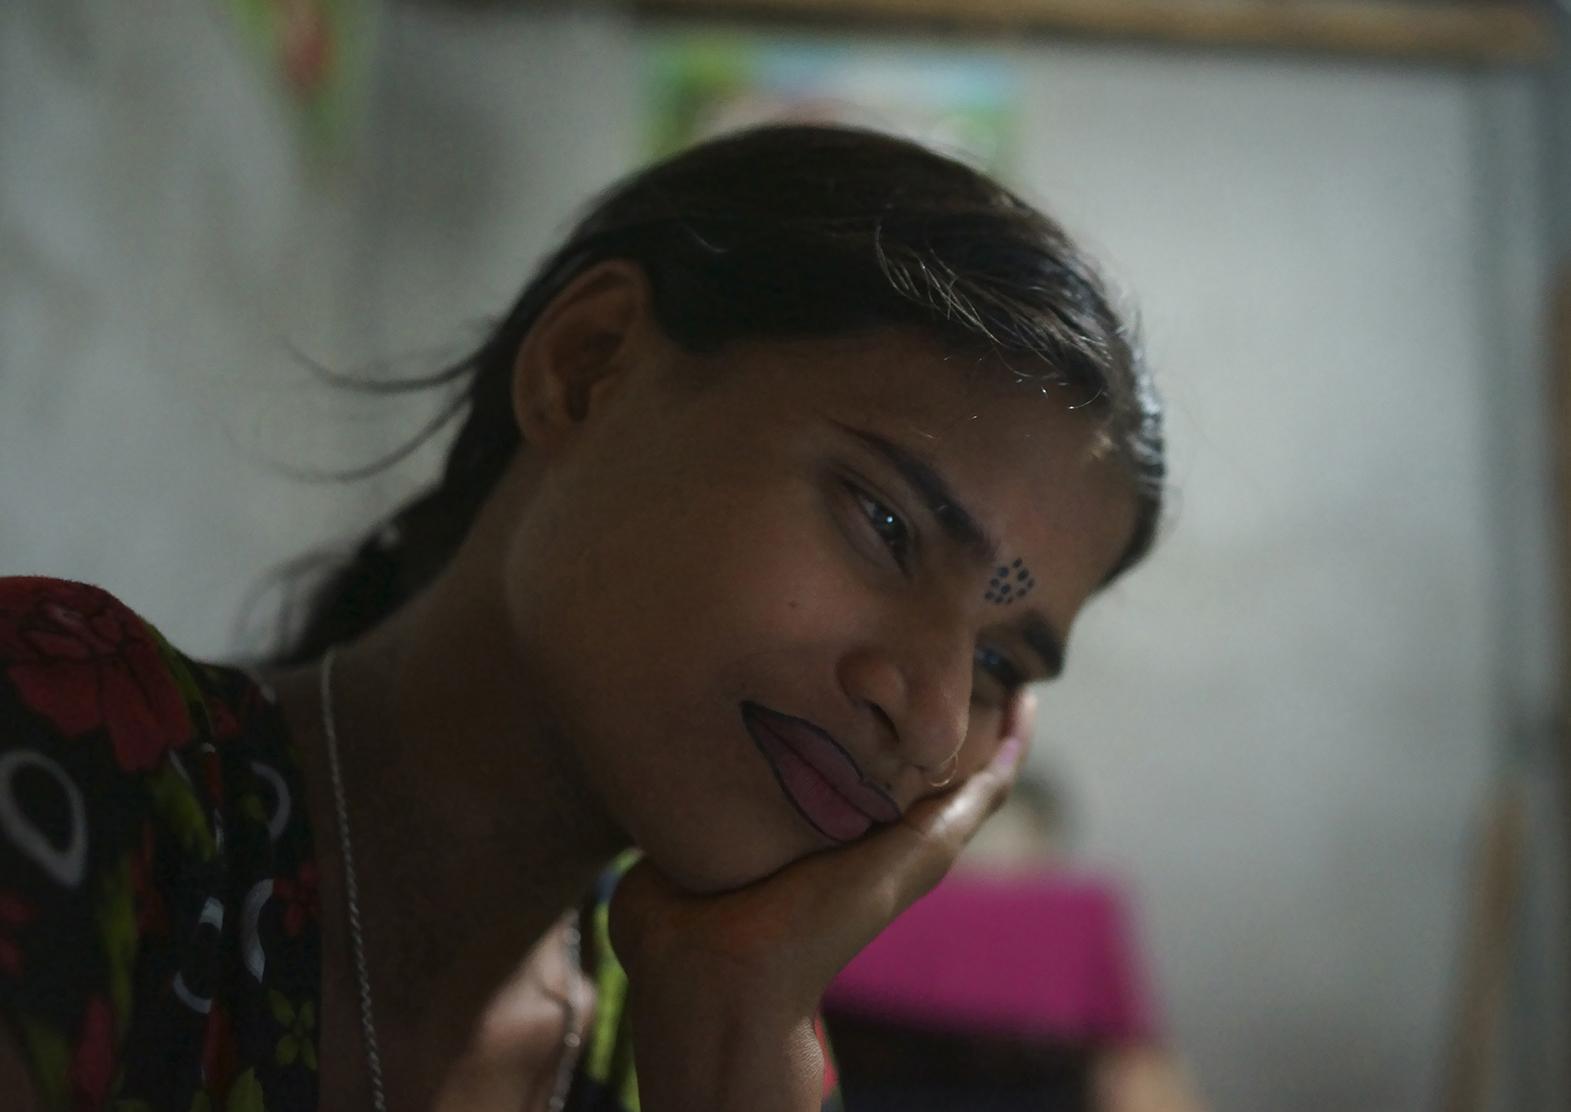 2013.04.05  親族の暴力に耐えかねて売春宿に行き着いた娼婦ナジア